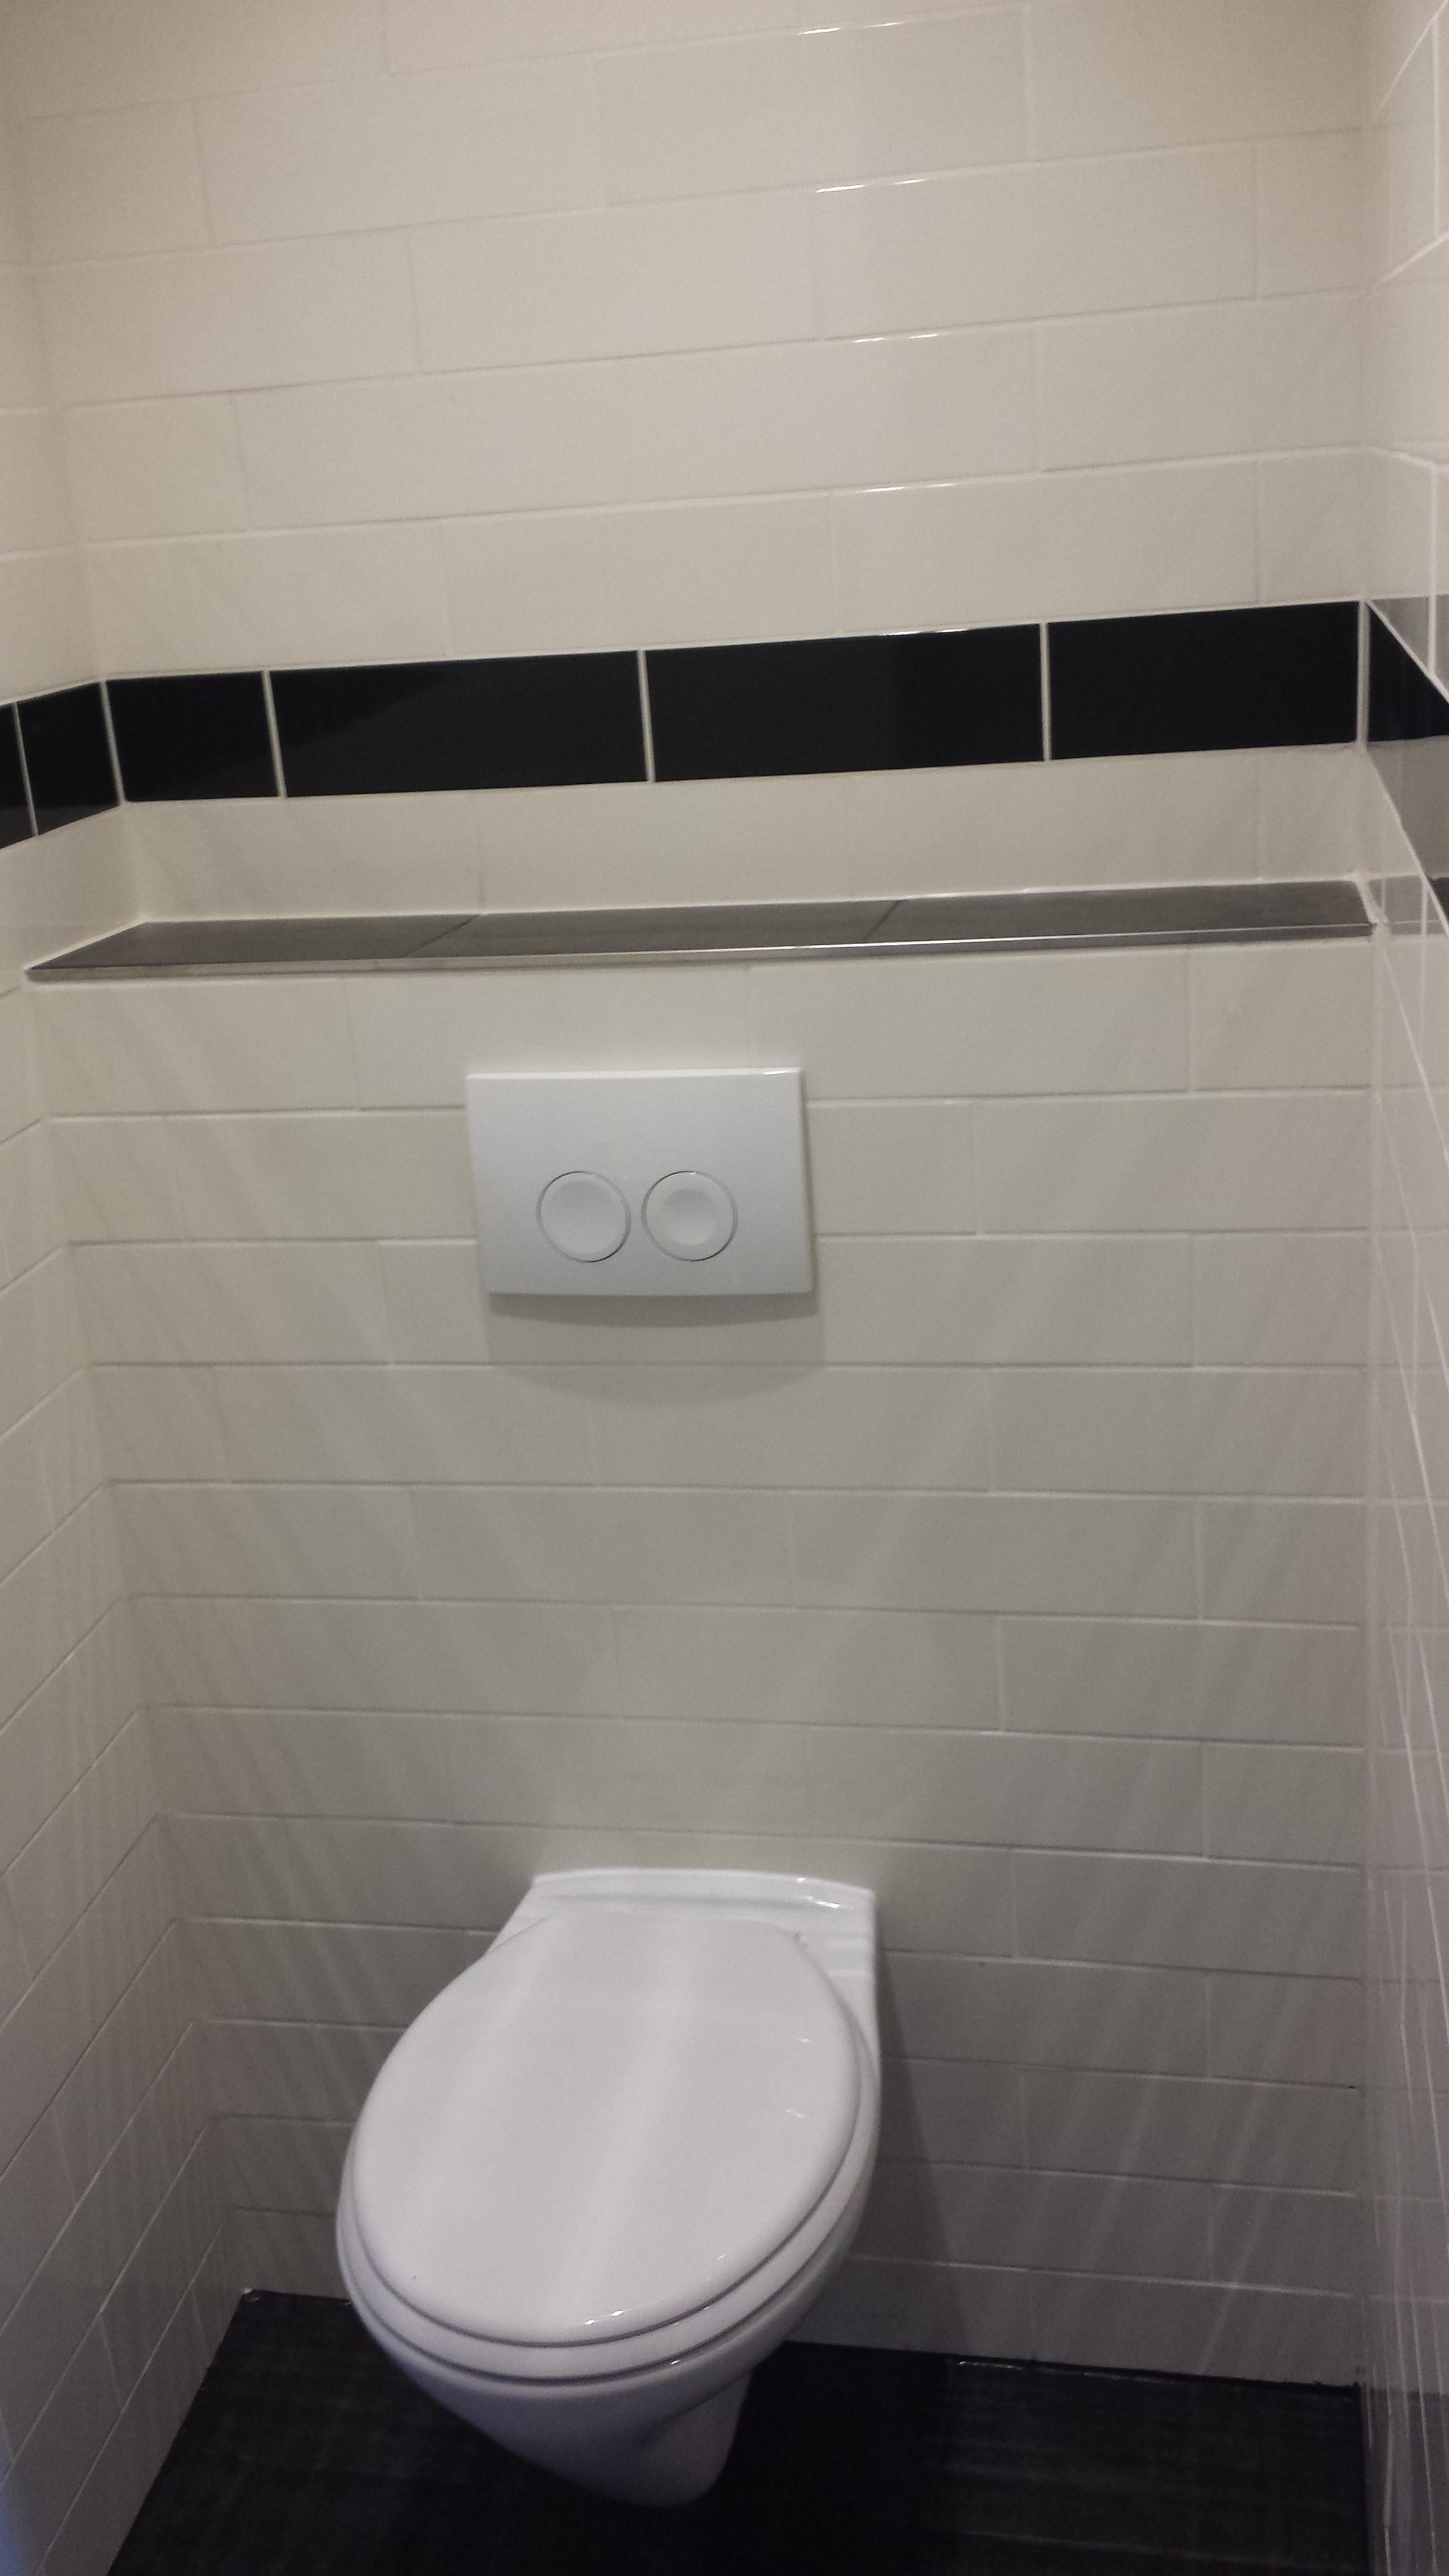 Toilet Metro